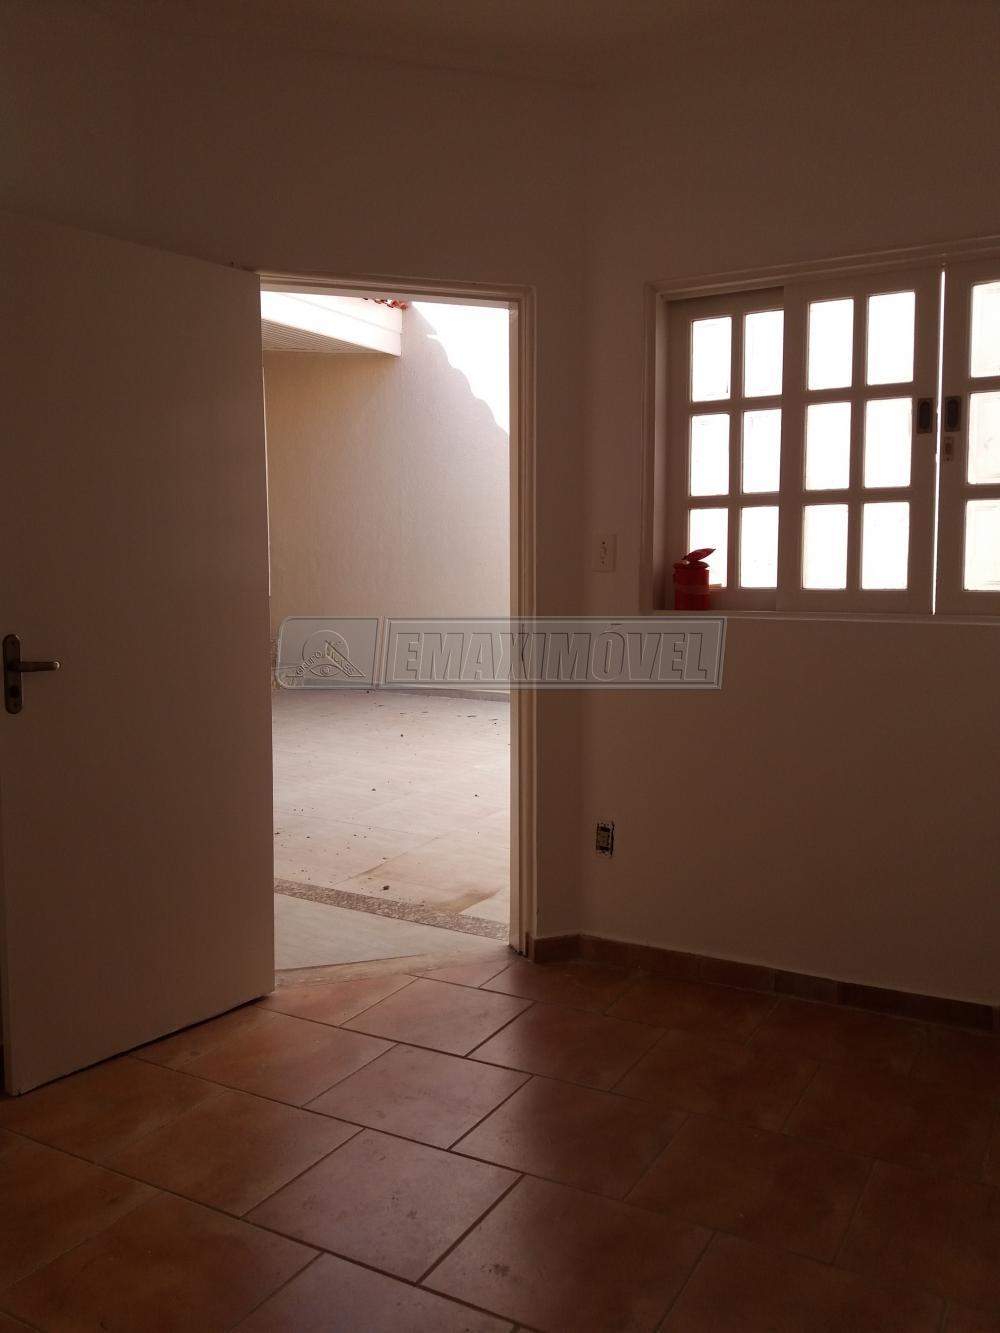 Alugar Casas / em Condomínios em Sorocaba apenas R$ 2.800,00 - Foto 16